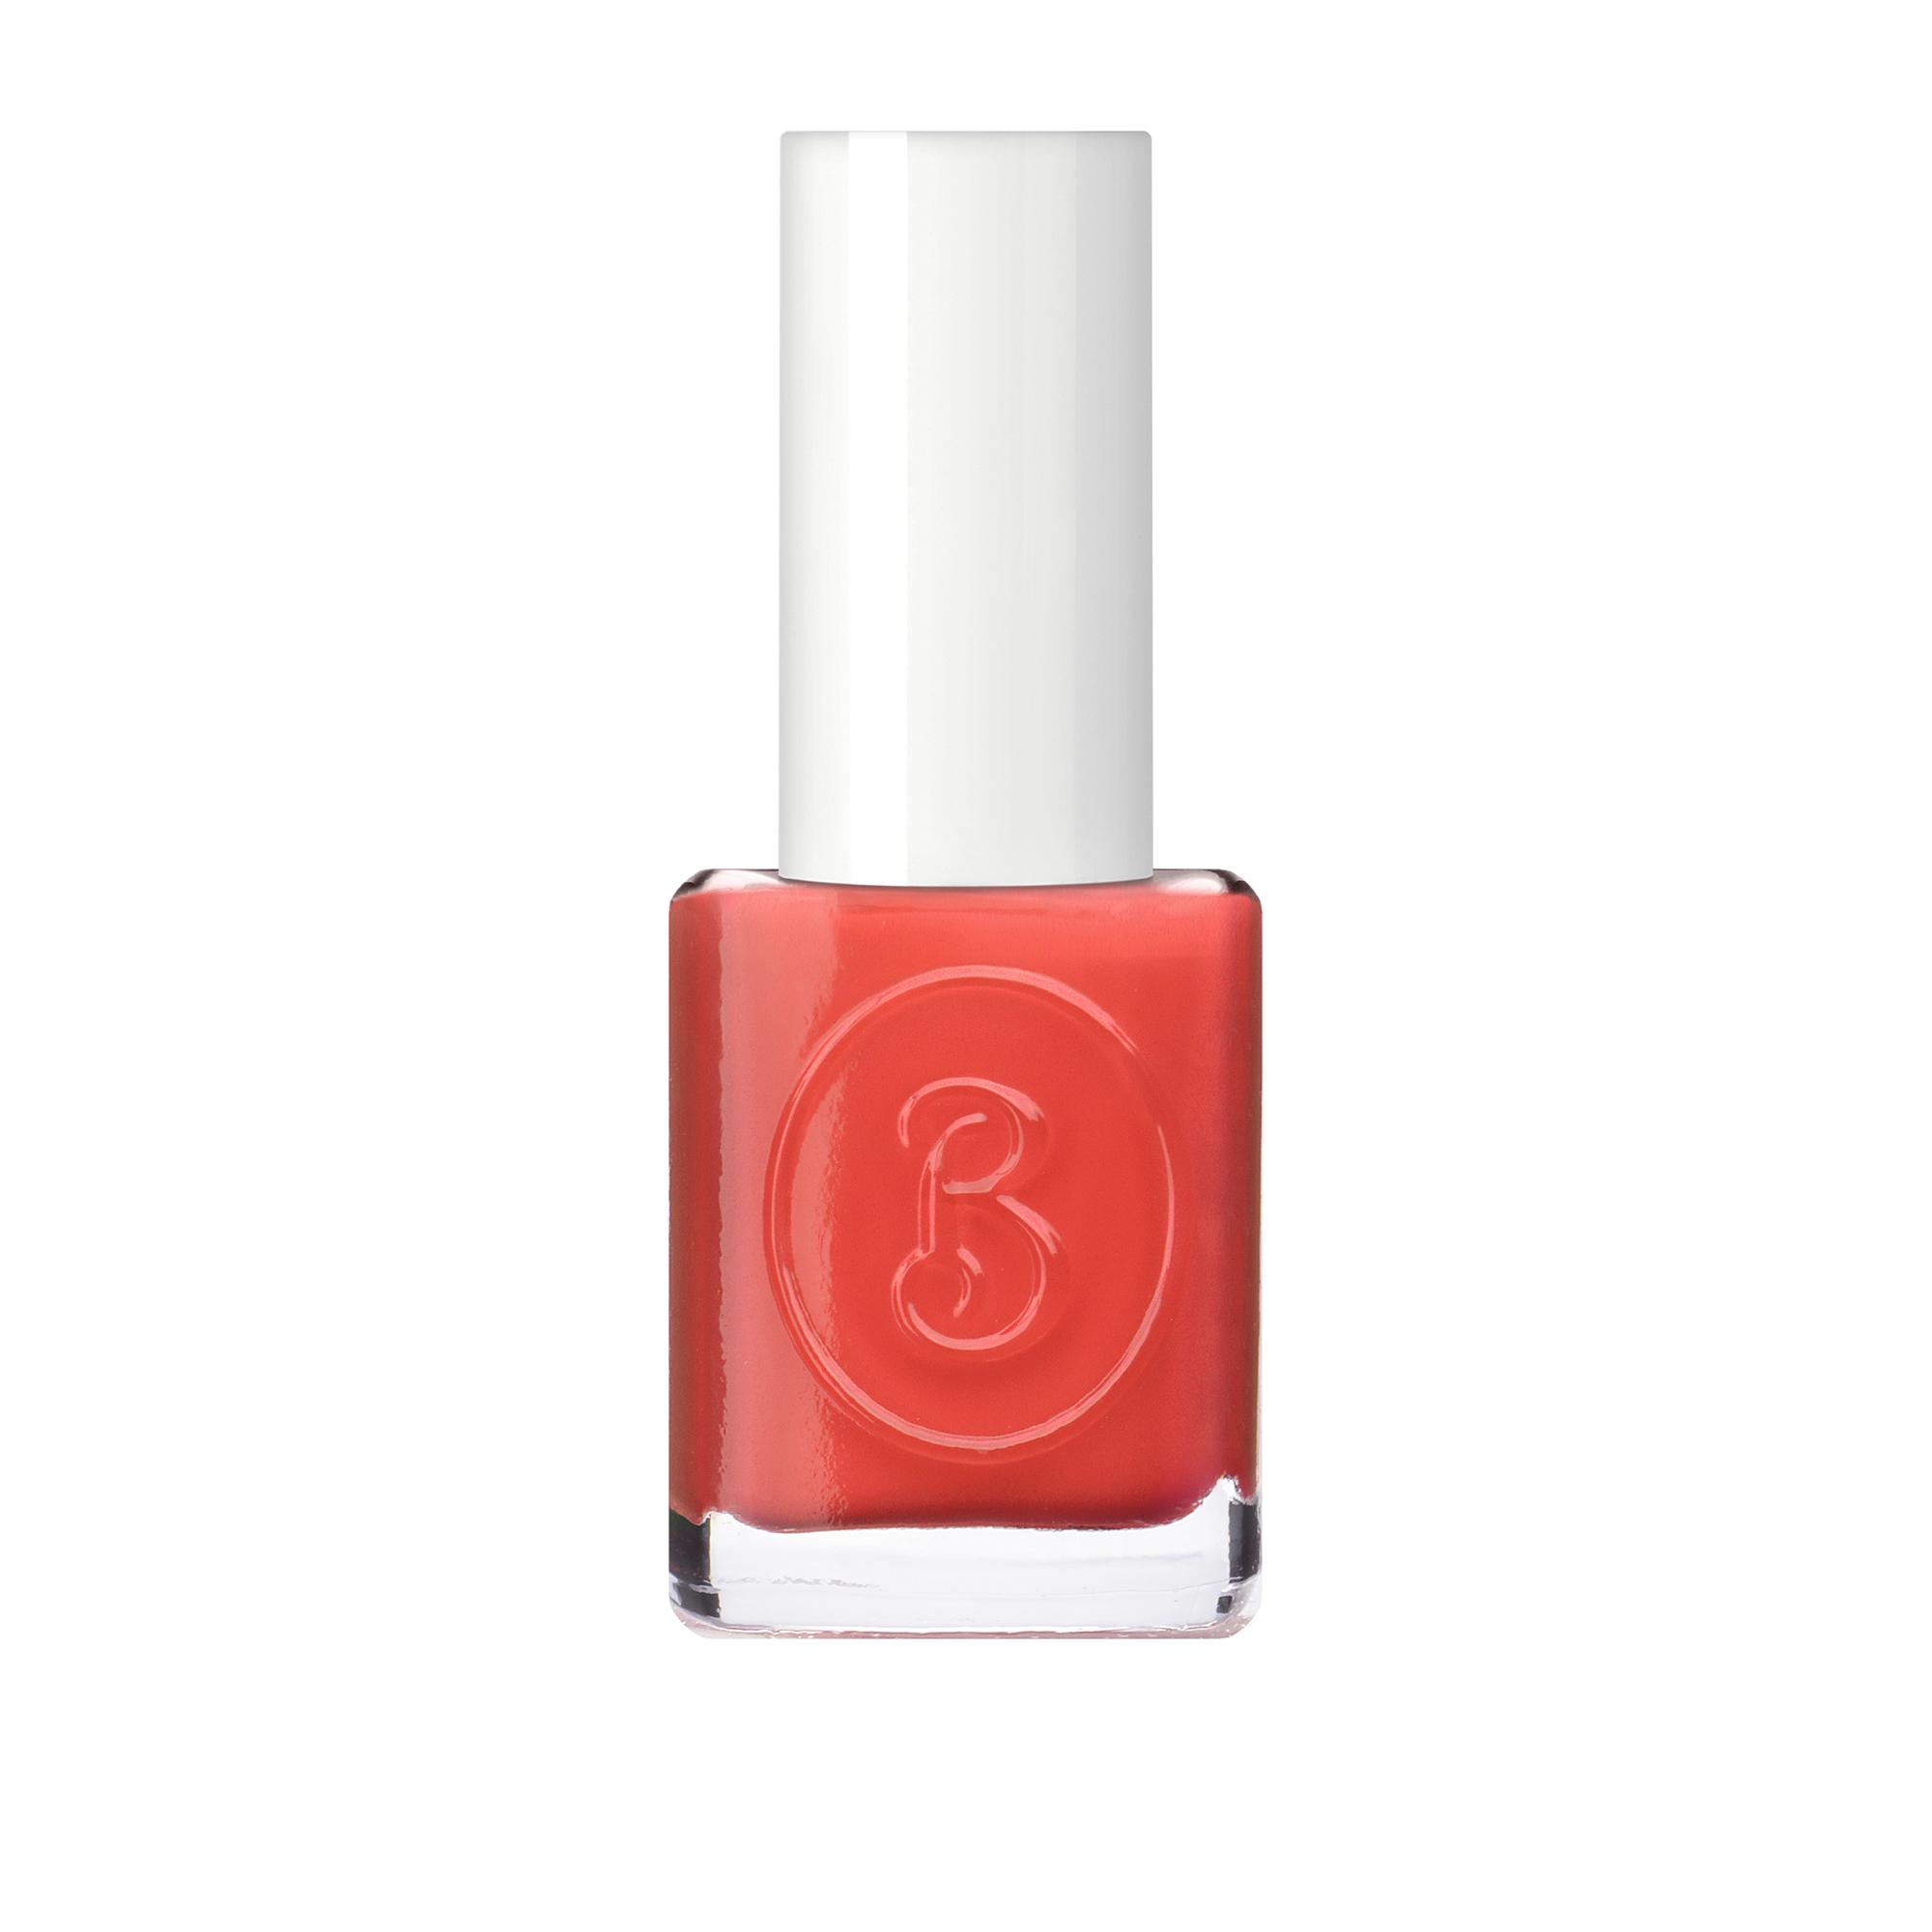 BERENICE 53 лак для ногтей, рыжая лиса / Red fox 16 мл berenice 53 лак для ногтей рыжая лиса red fox 16 мл